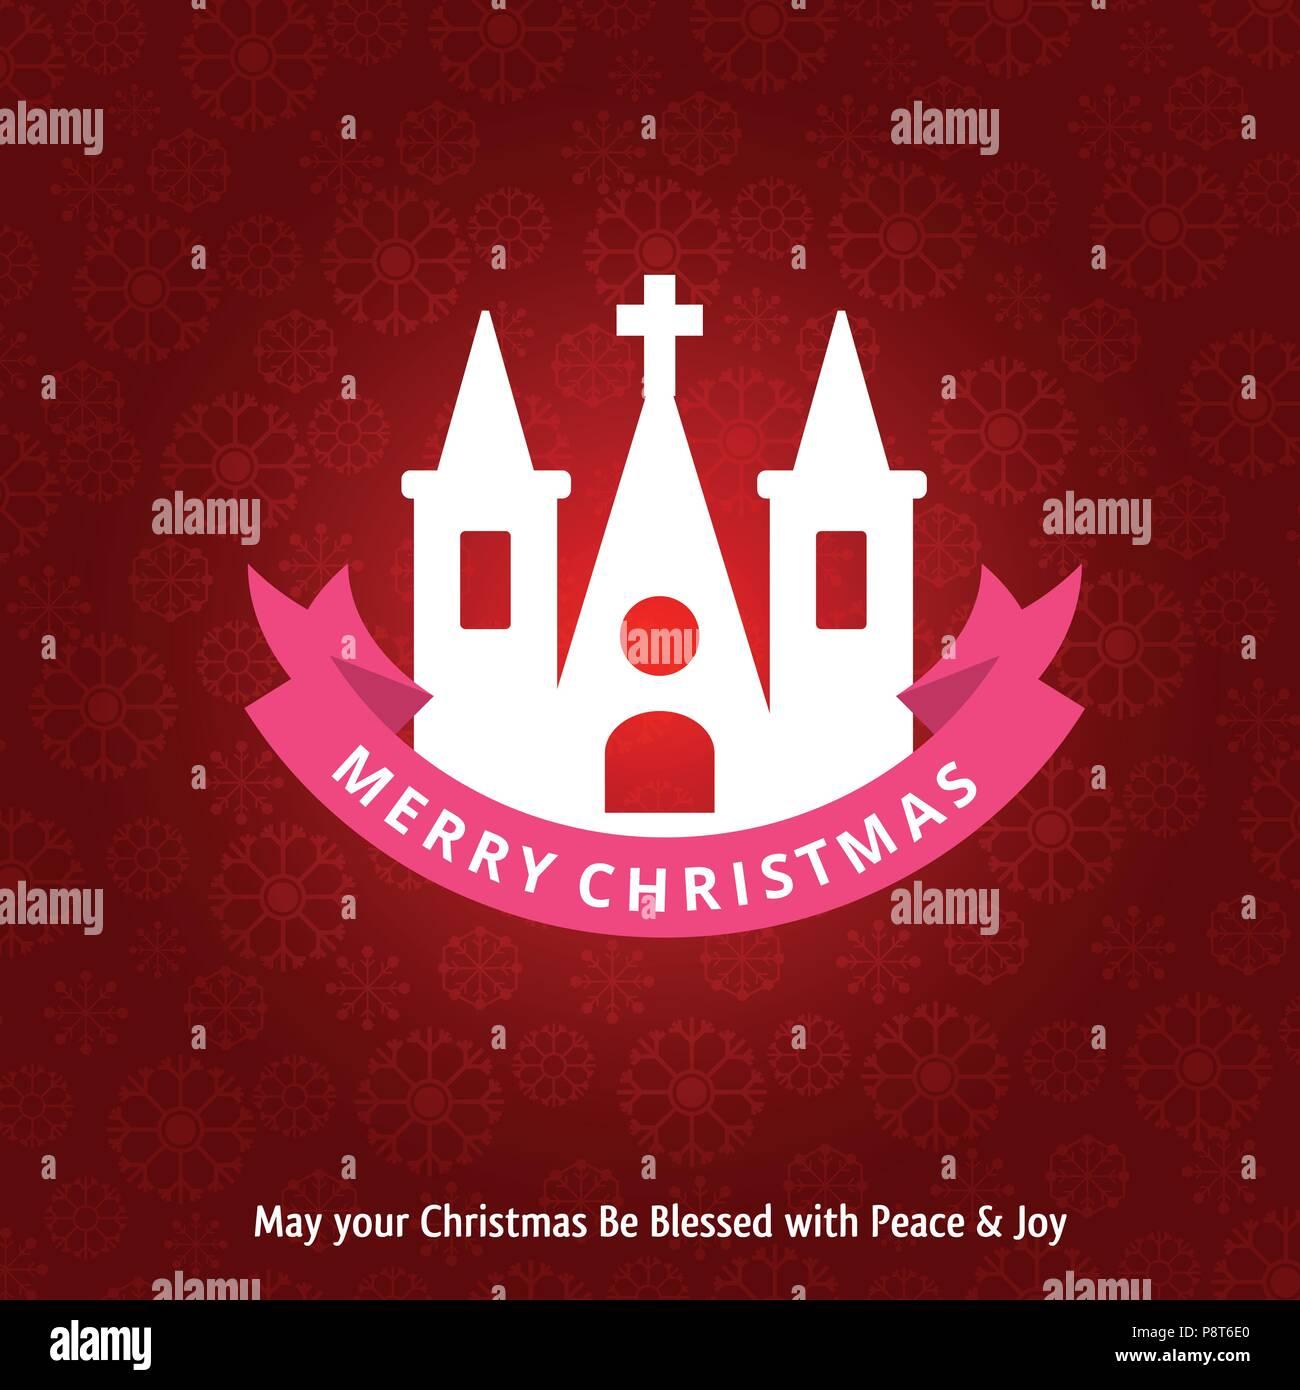 Weihnachtsgrüße Muster.Weihnachtsgrüße Karte Mit Der Heiligen Kirche Und Muster Hintergrund